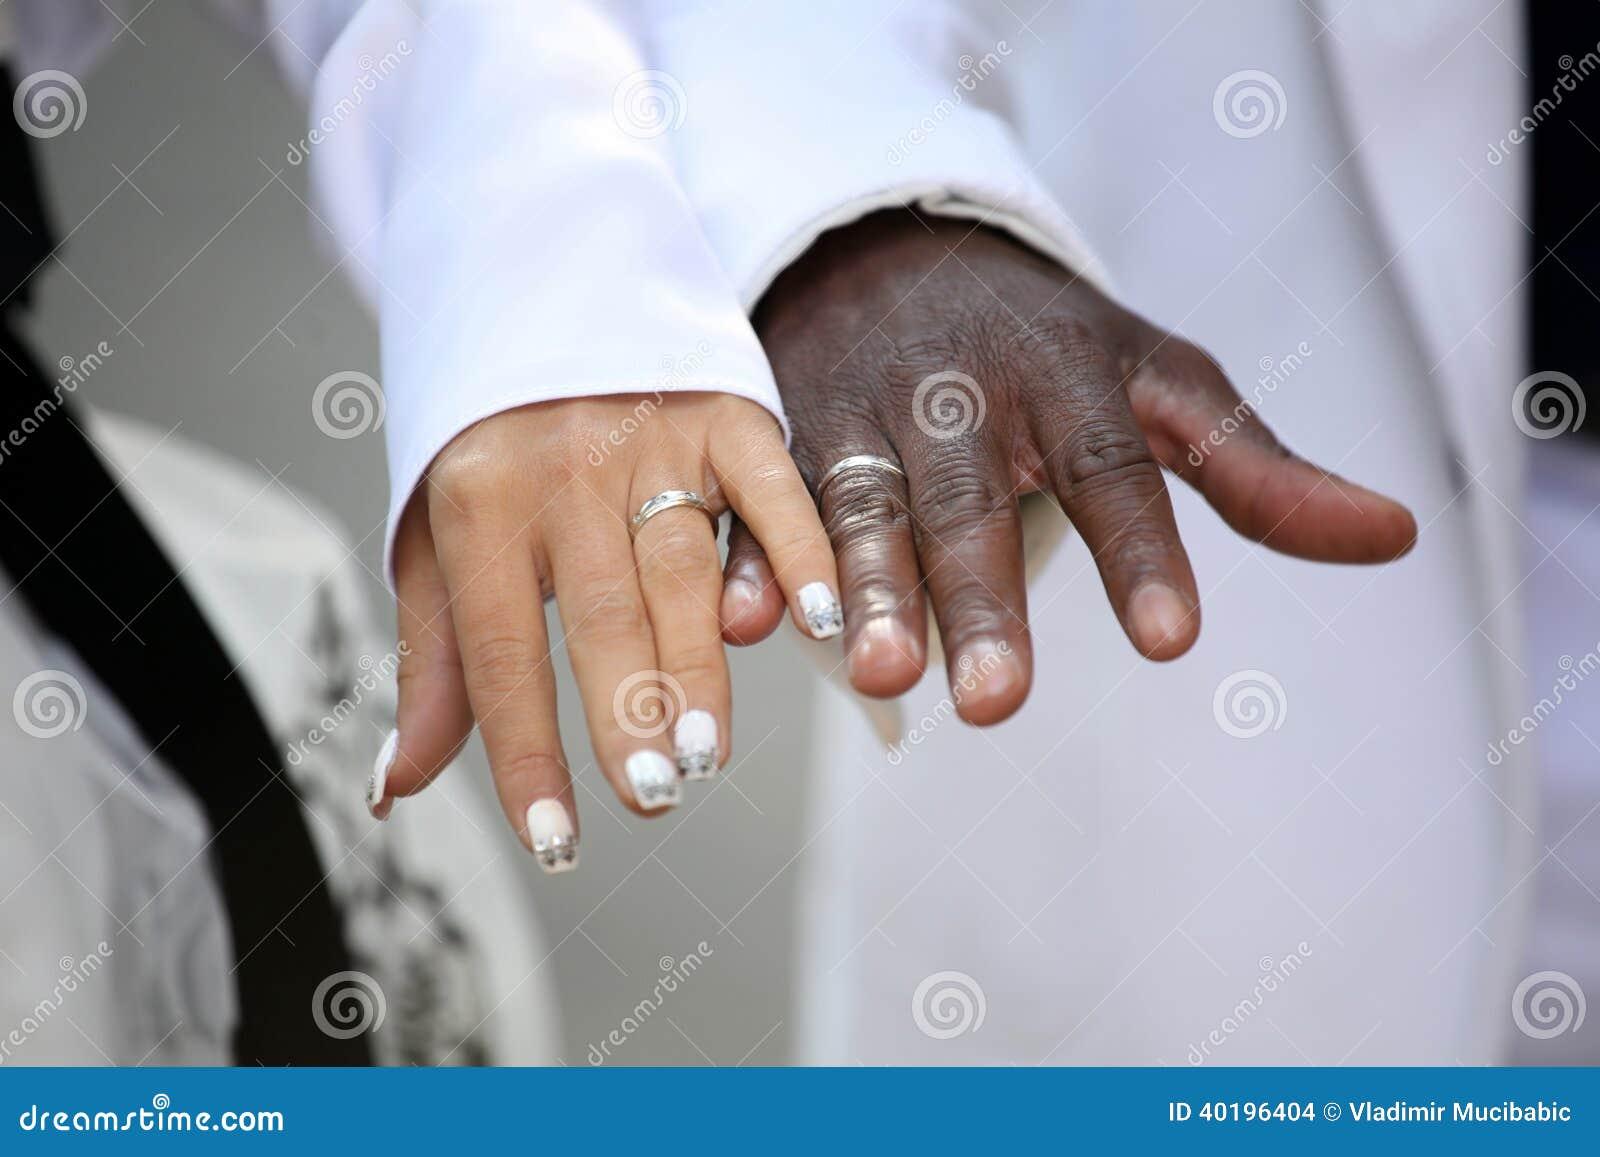 Wedding Rings On Black Hands